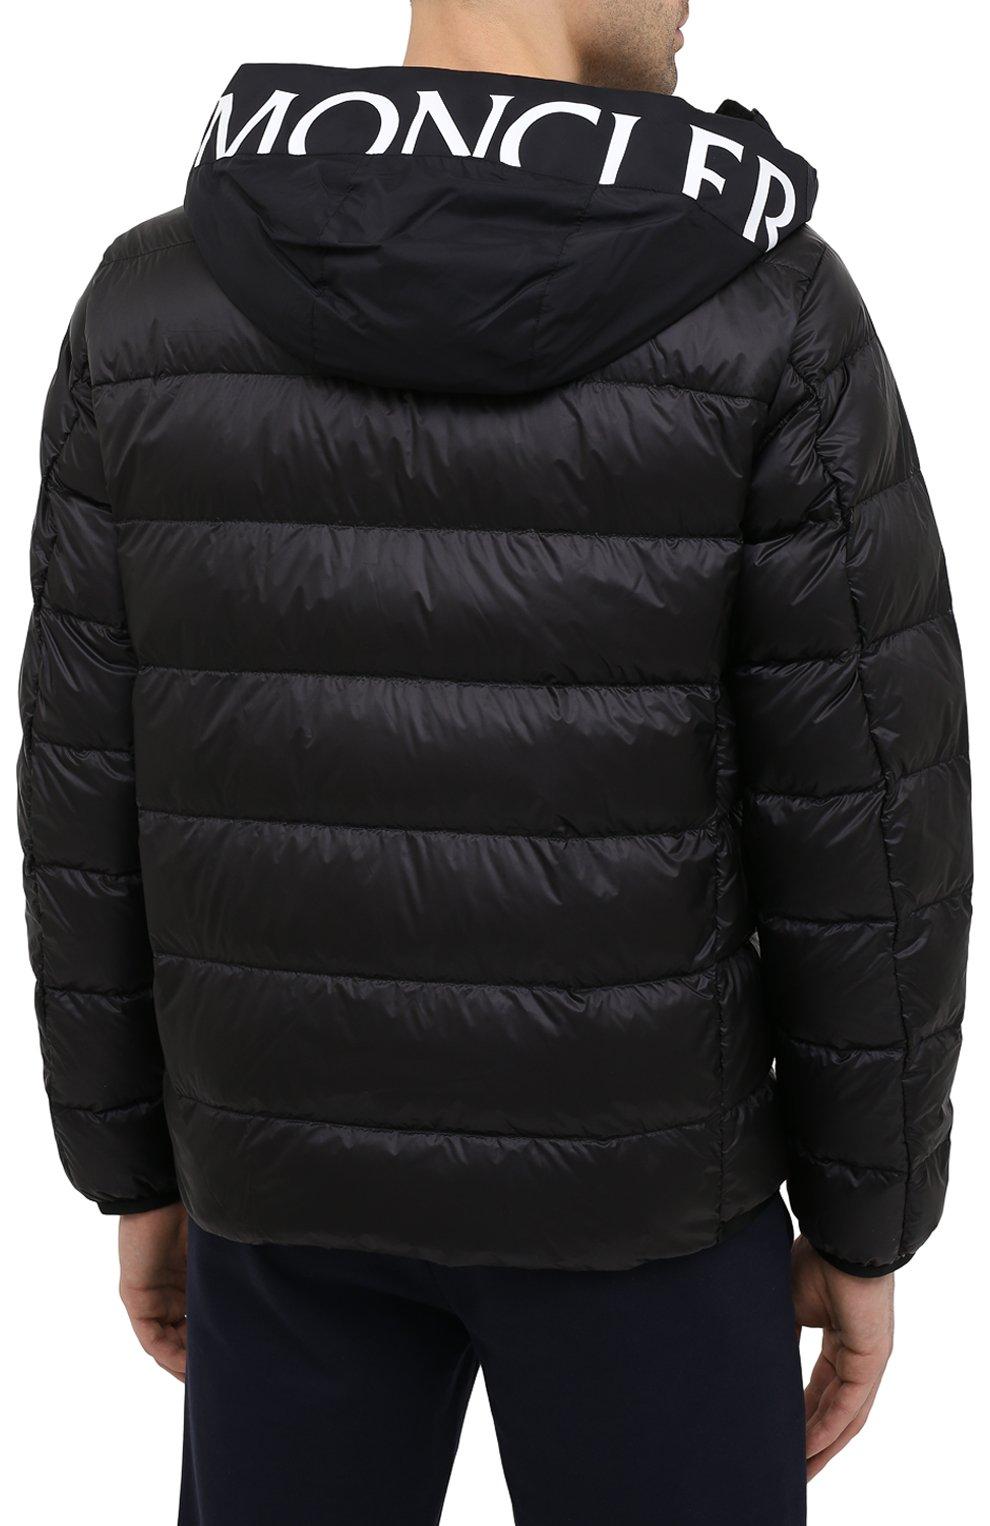 Мужская пуховая куртка provins MONCLER черного цвета, арт. G1-091-1A123-00-53279 | Фото 4 (Кросс-КТ: Куртка; Мужское Кросс-КТ: пуховик-короткий; Рукава: Длинные; Материал внешний: Синтетический материал; Материал подклада: Синтетический материал; Длина (верхняя одежда): Короткие; Материал утеплителя: Пух и перо; Стили: Кэжуэл)